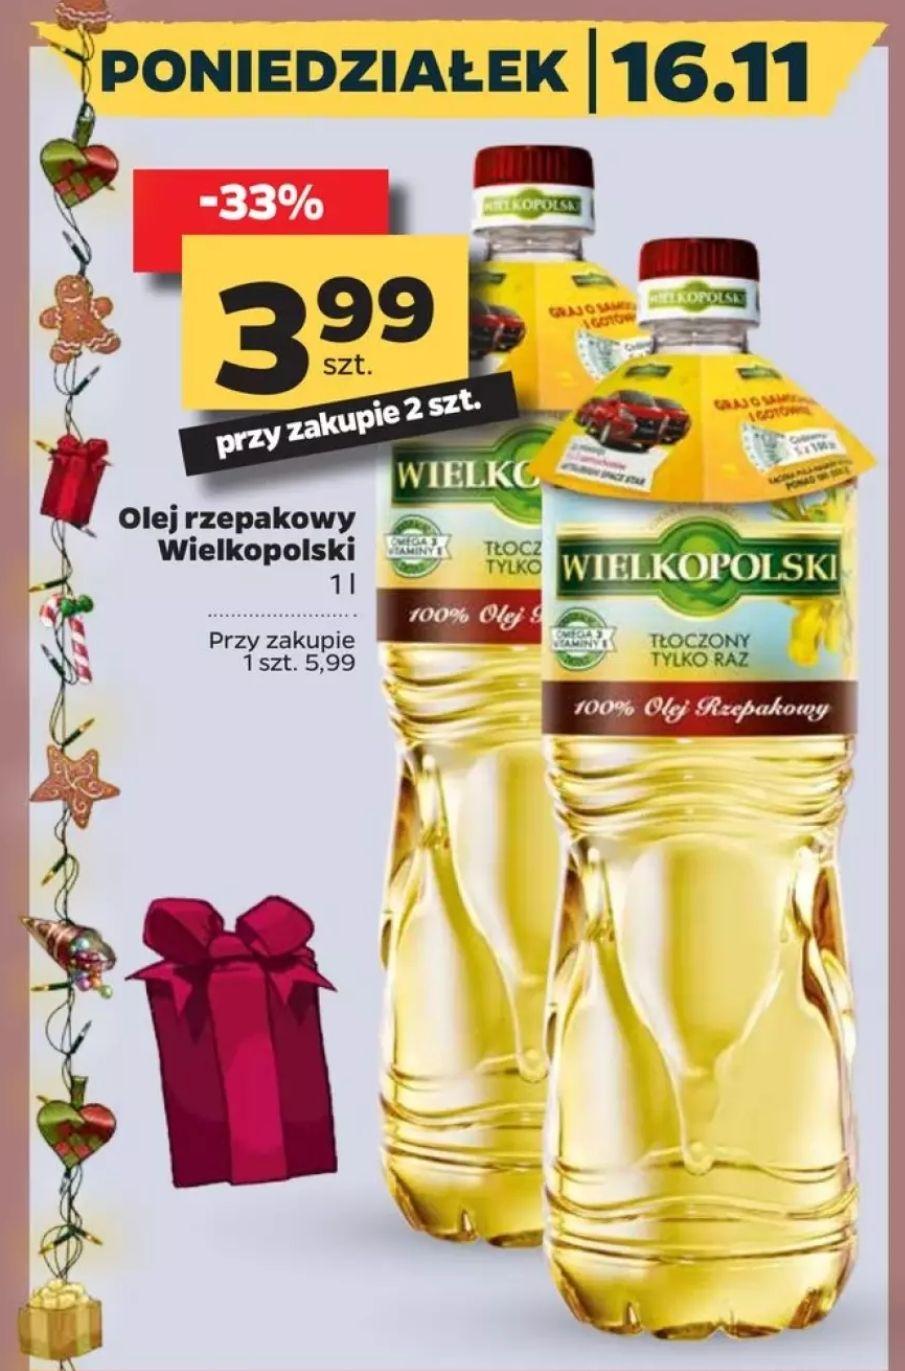 Olej rzepakowy Wielkopolski 1l (cena przy zakupie dwóch) w Netto